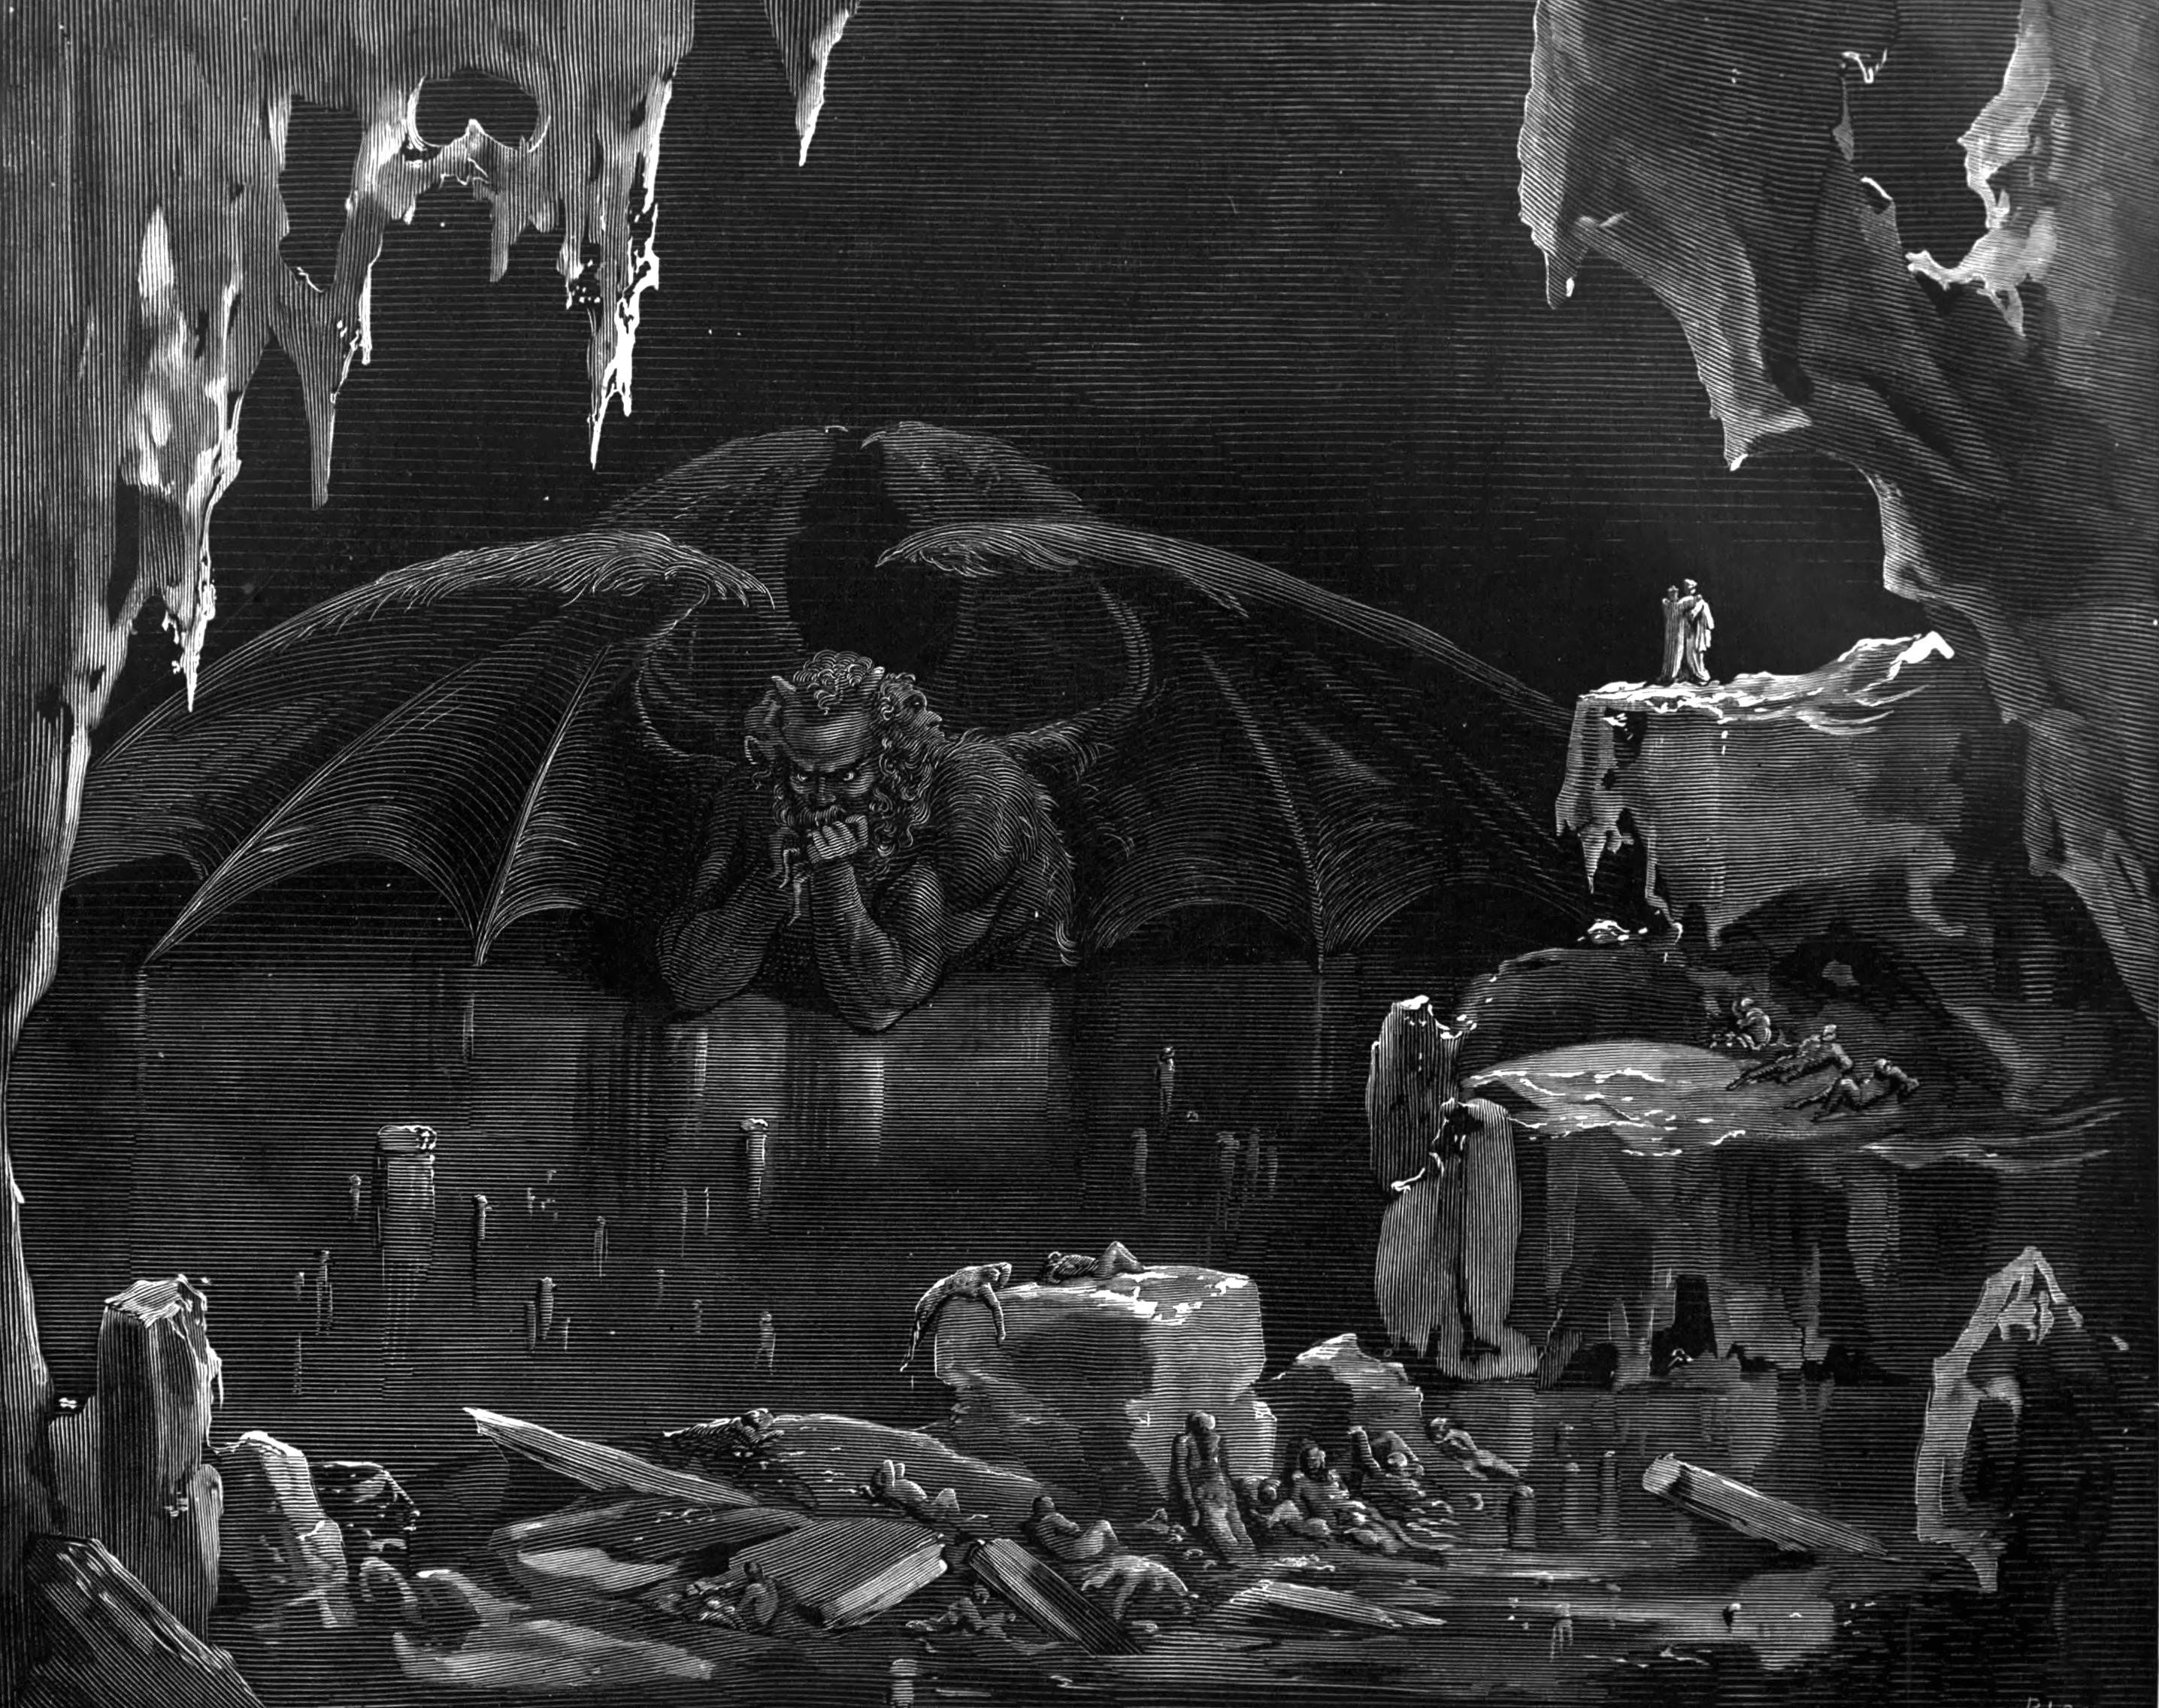 Wallpaper Mythology Gustave Dor Classic Art Dante S